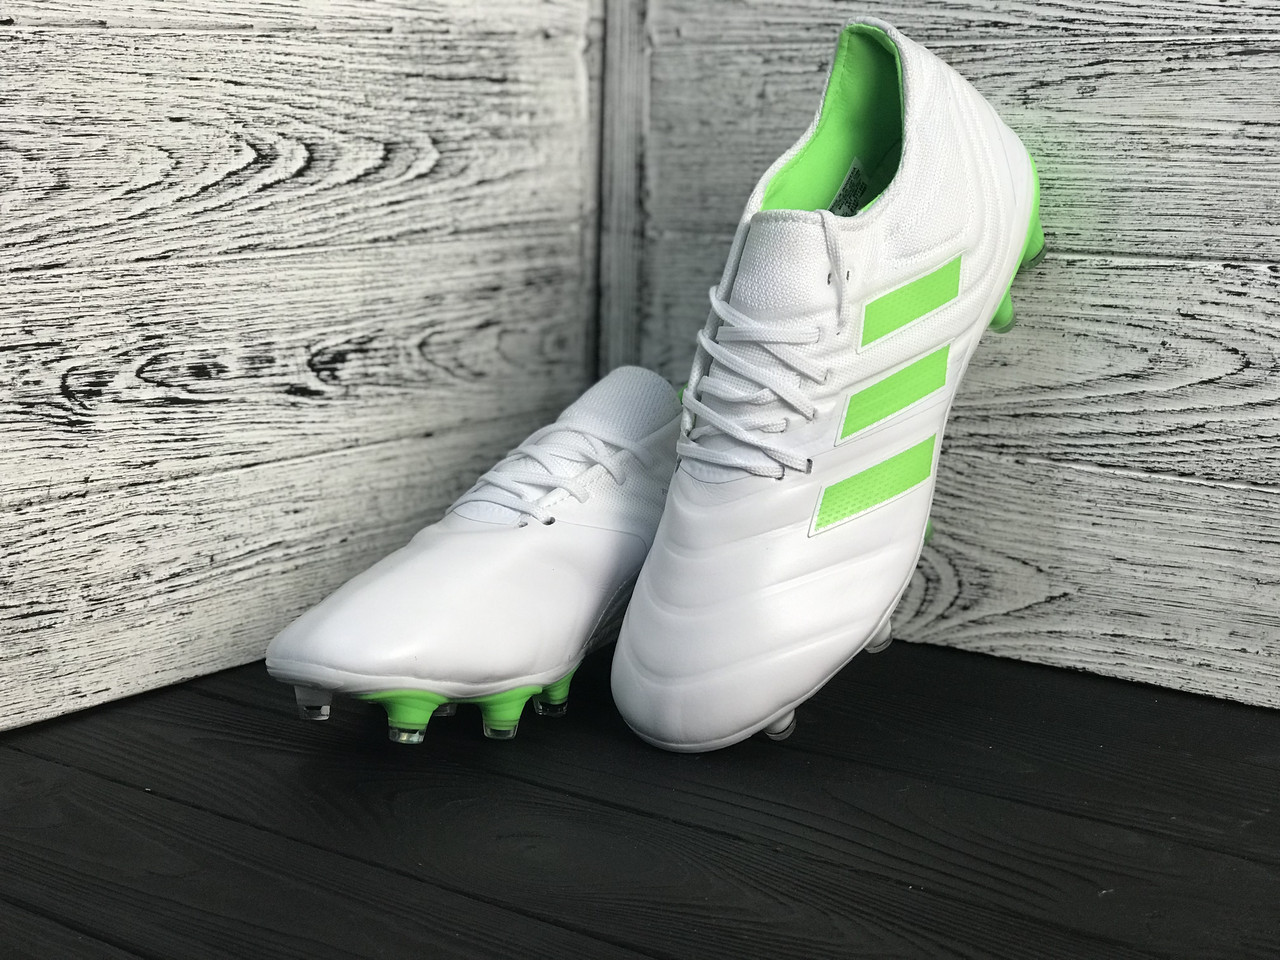 Бутсы Adidas Copa 19+FG/AG White